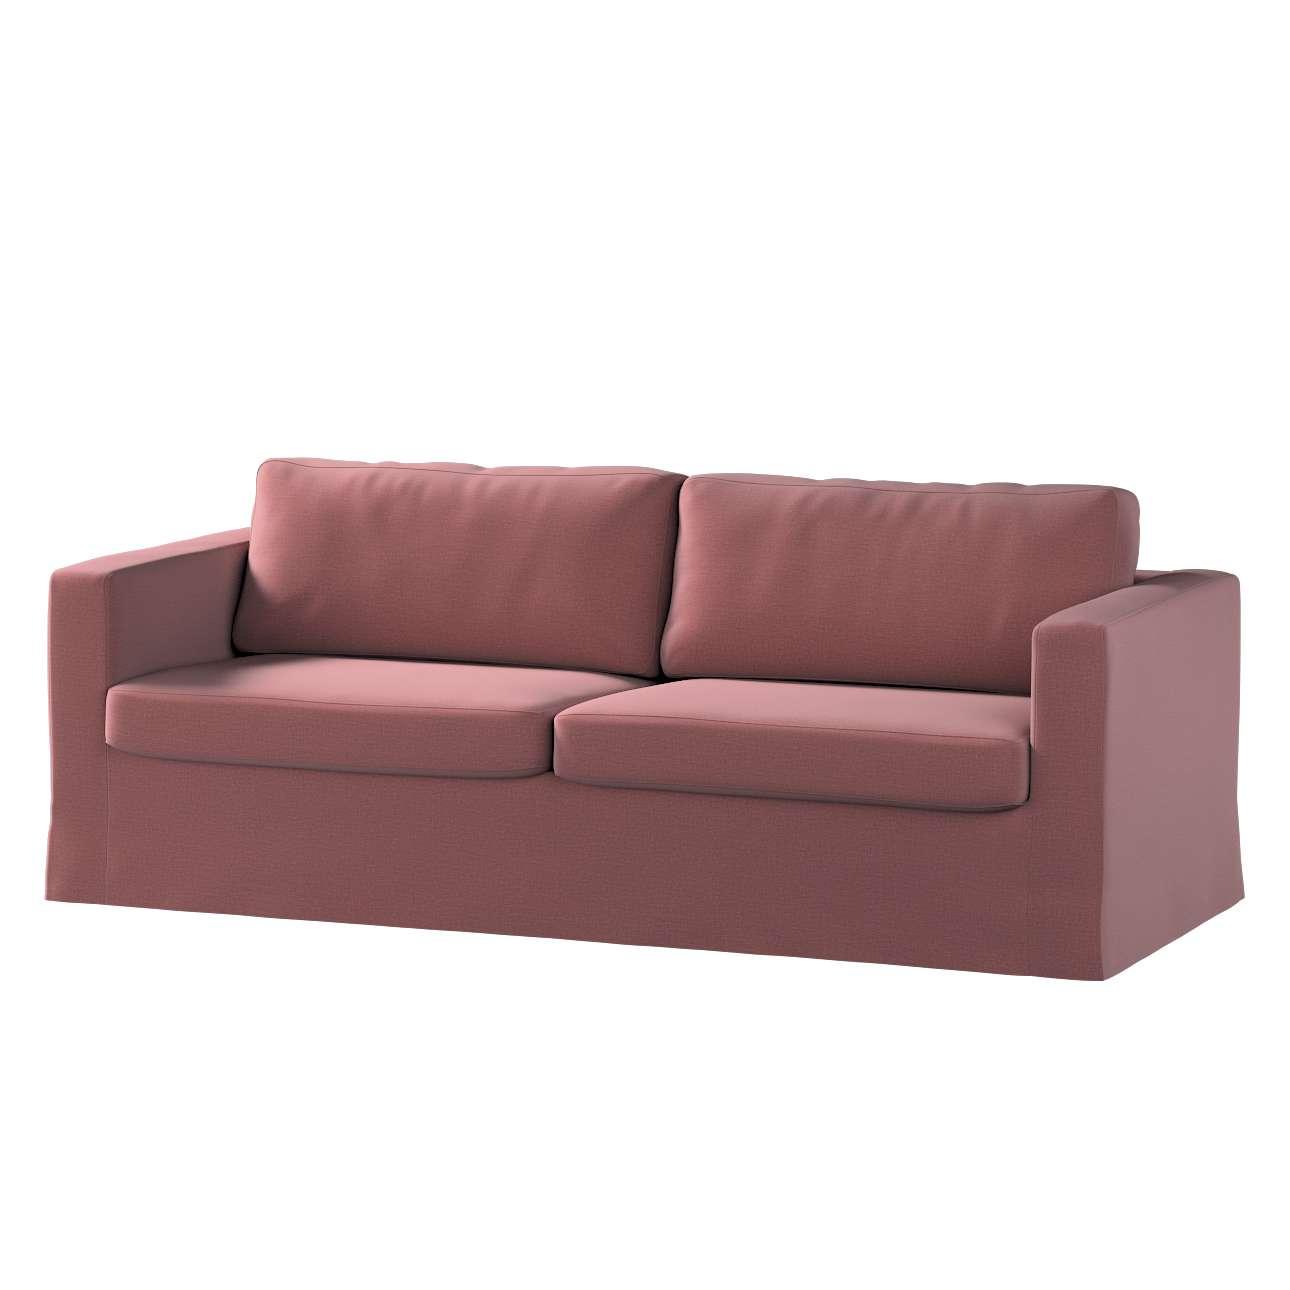 Pokrowiec na sofę Karlstad 3-osobową nierozkładaną, długi w kolekcji Ingrid, tkanina: 705-38